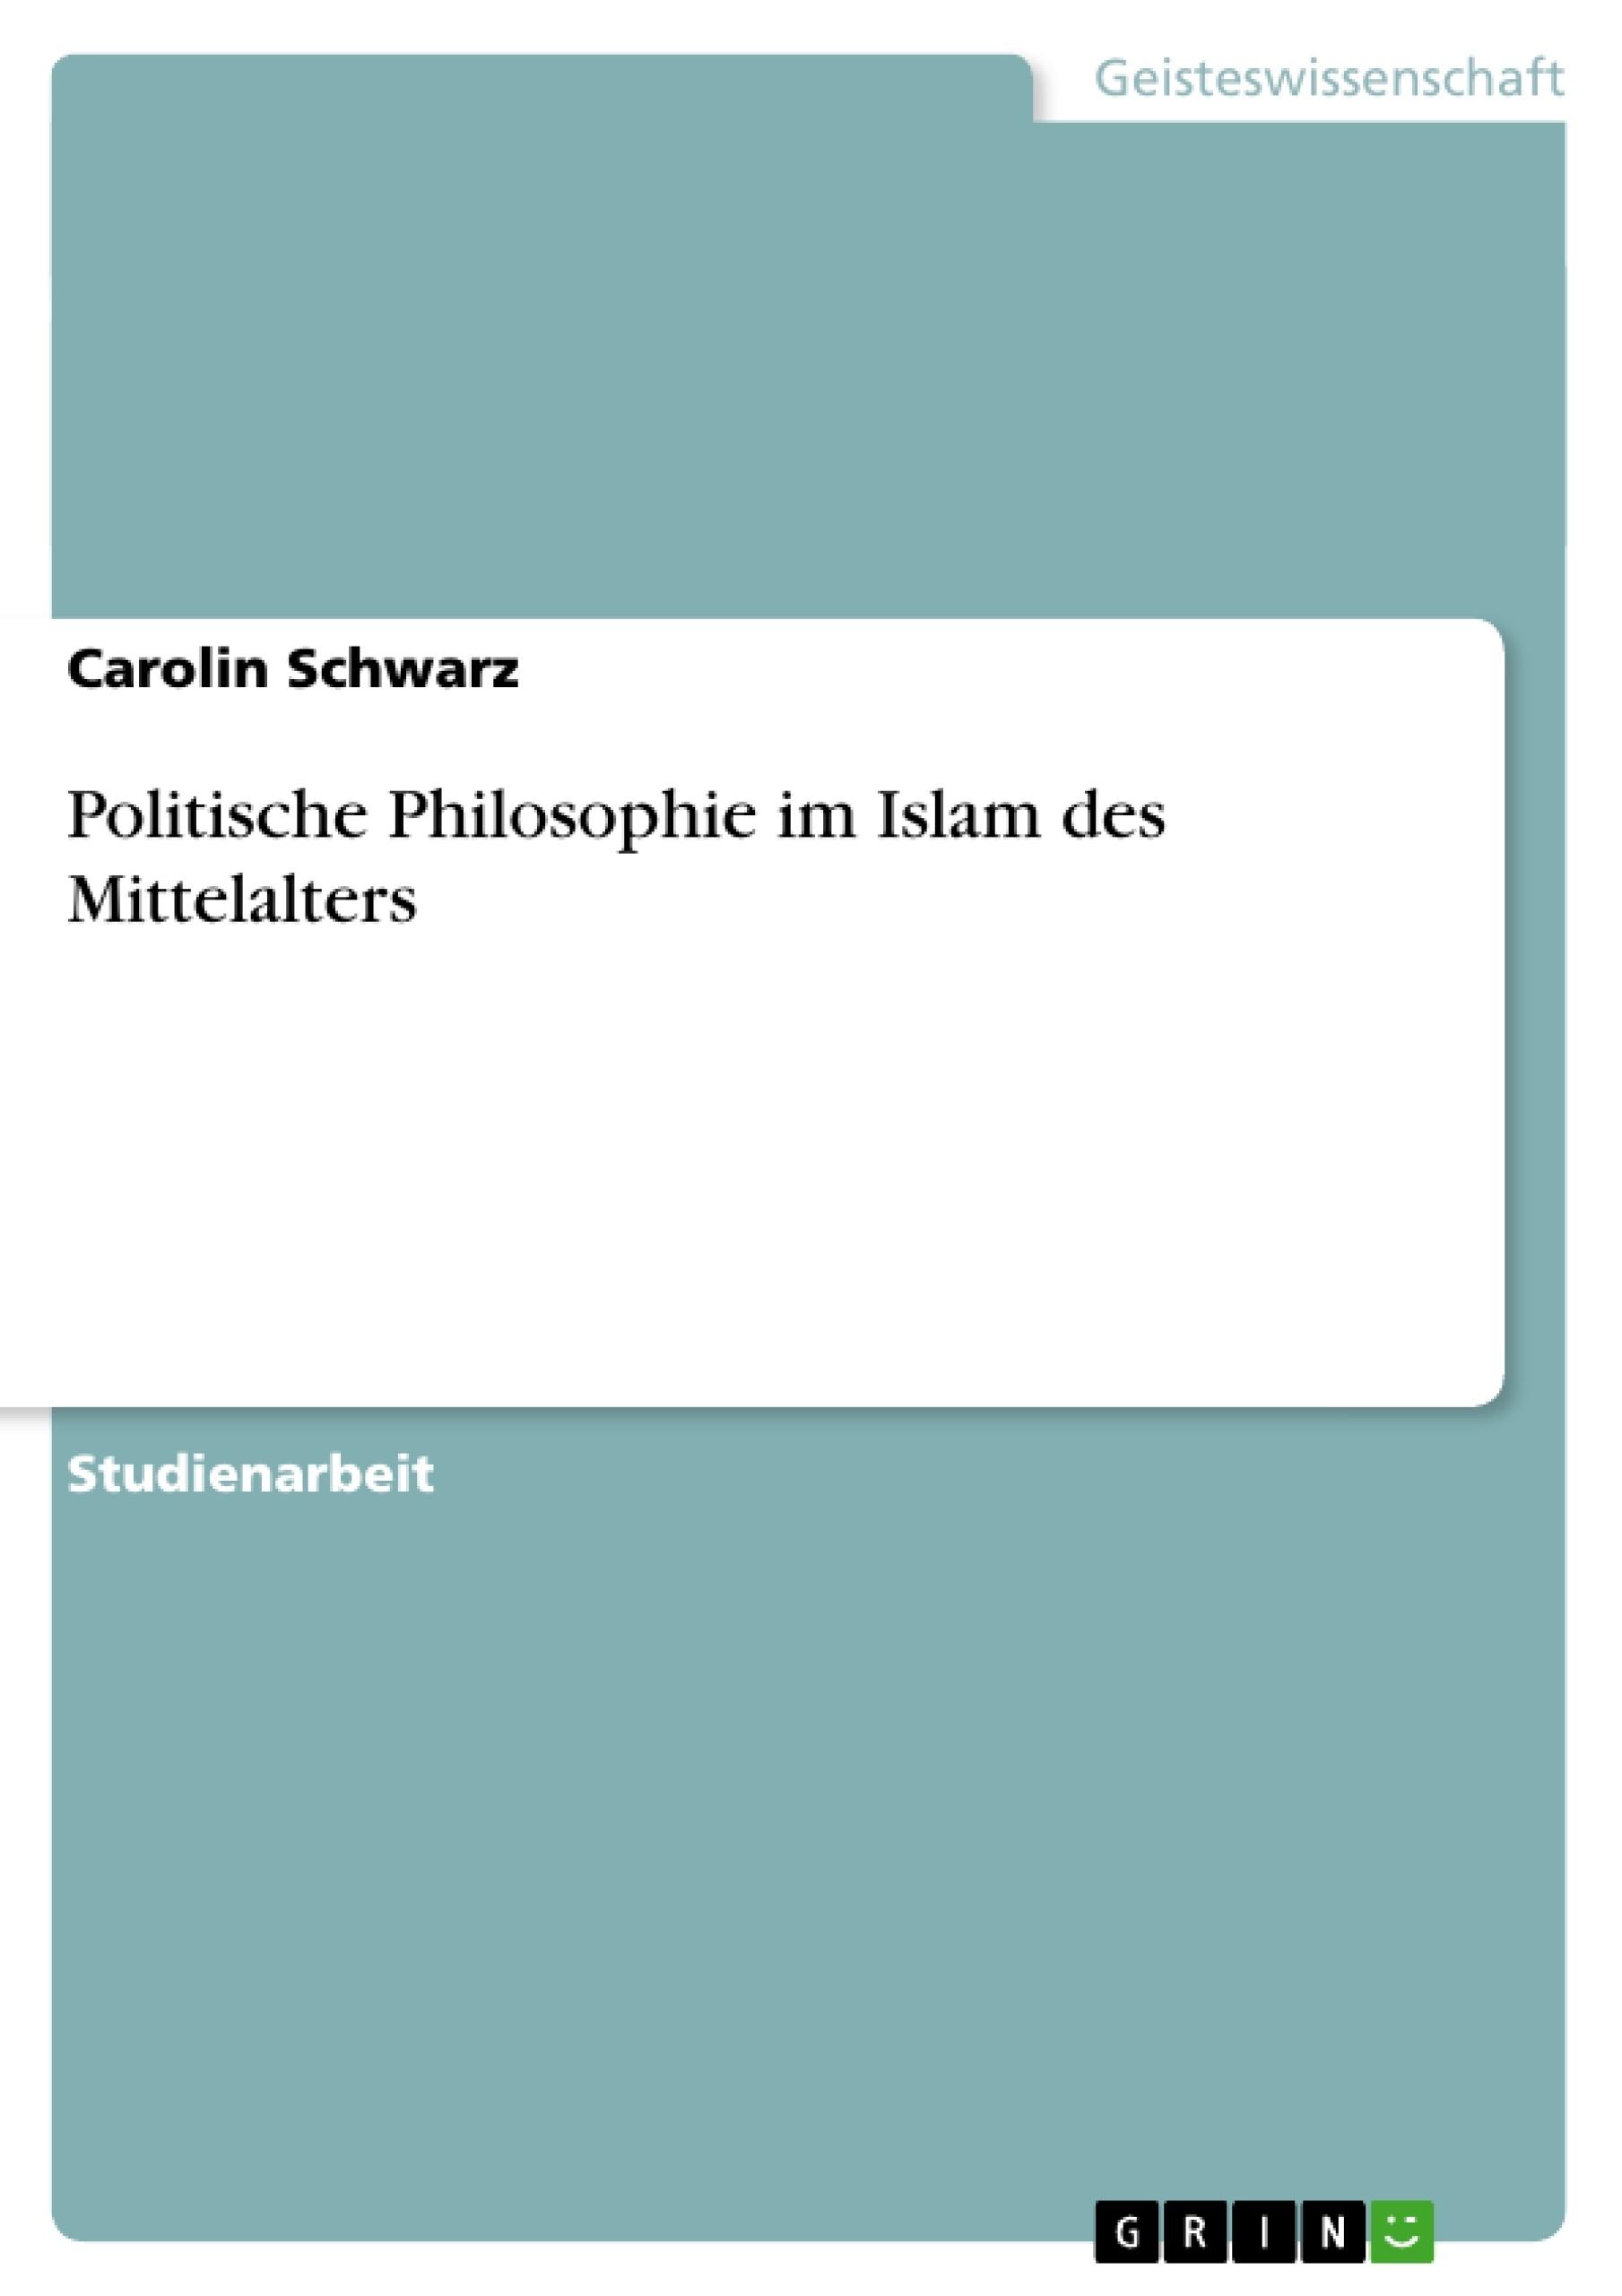 Titel: Politische Philosophie im Islam des Mittelalters